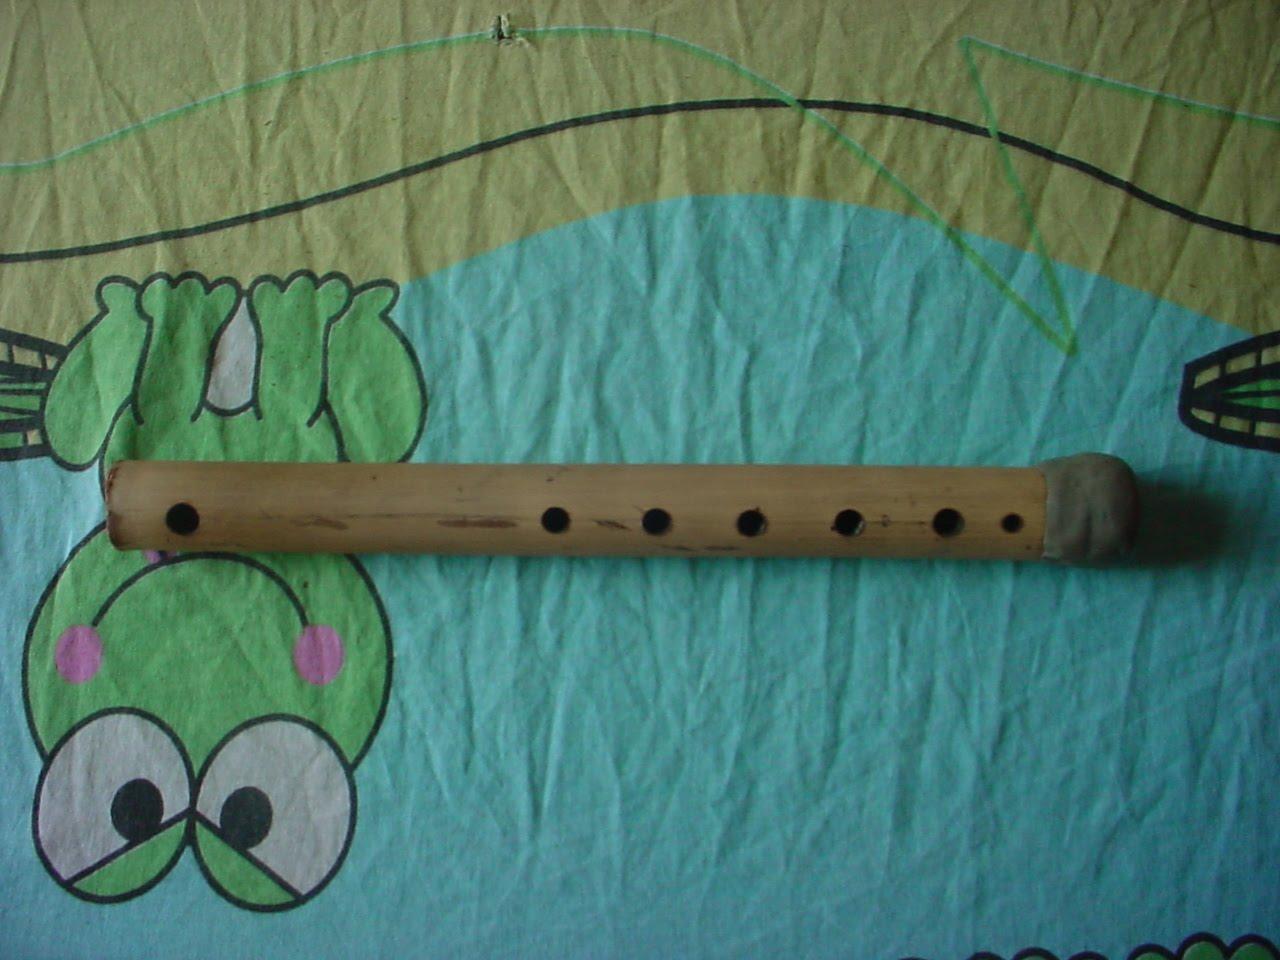 http://2.bp.blogspot.com/_G40_71voUvY/TBrVlD-Z_9I/AAAAAAAAAdI/8acvXF2vg_k/s1600/DSC05362.JPG